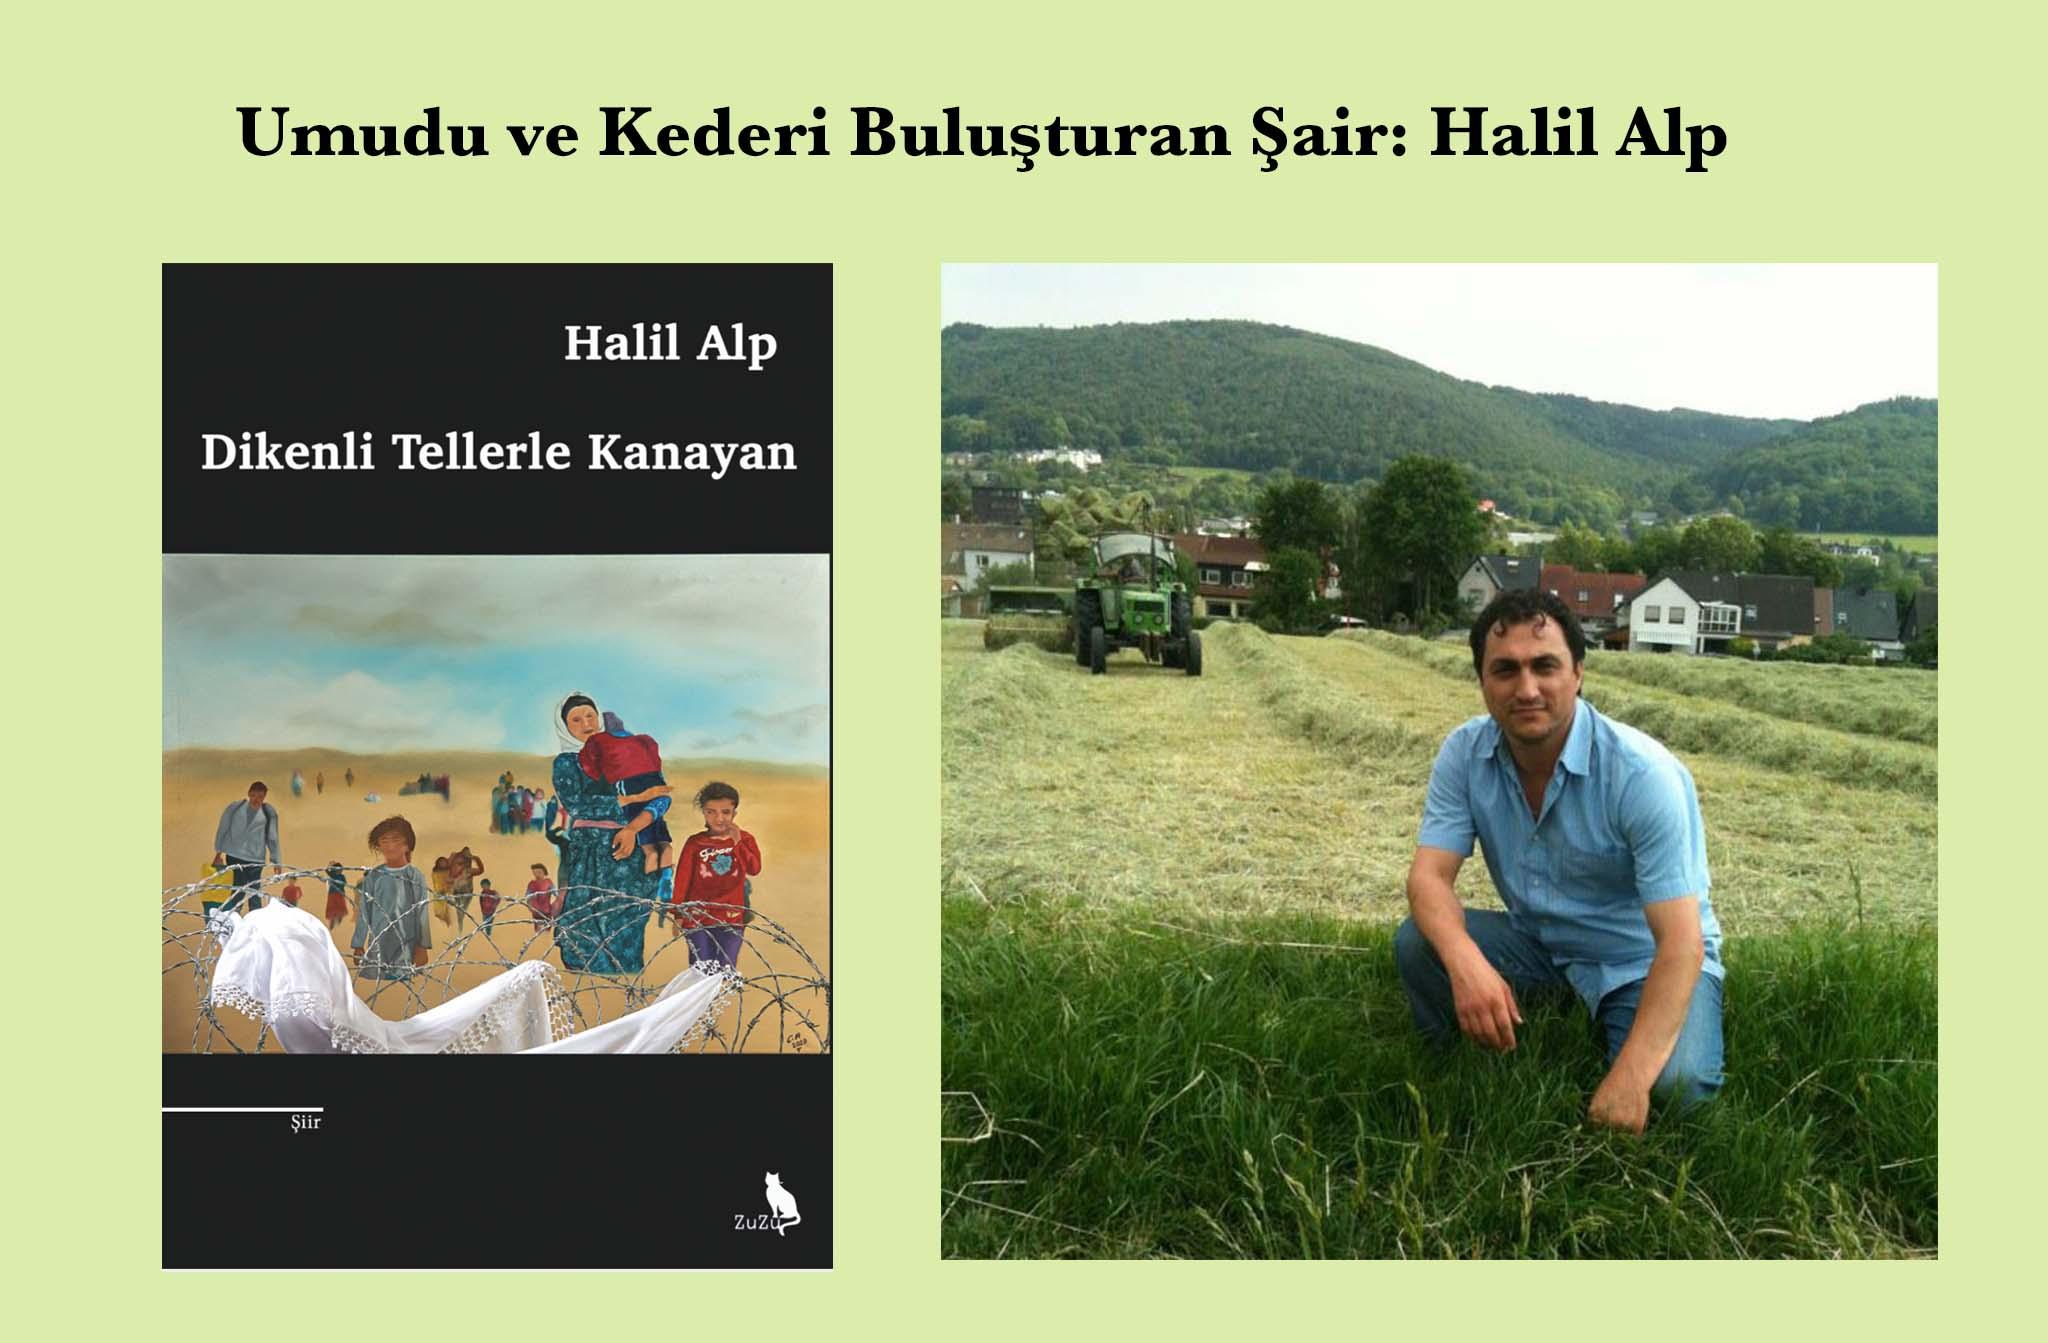 Photo of Umudu ve Kederi Buluşturan Şair: Halil Alp